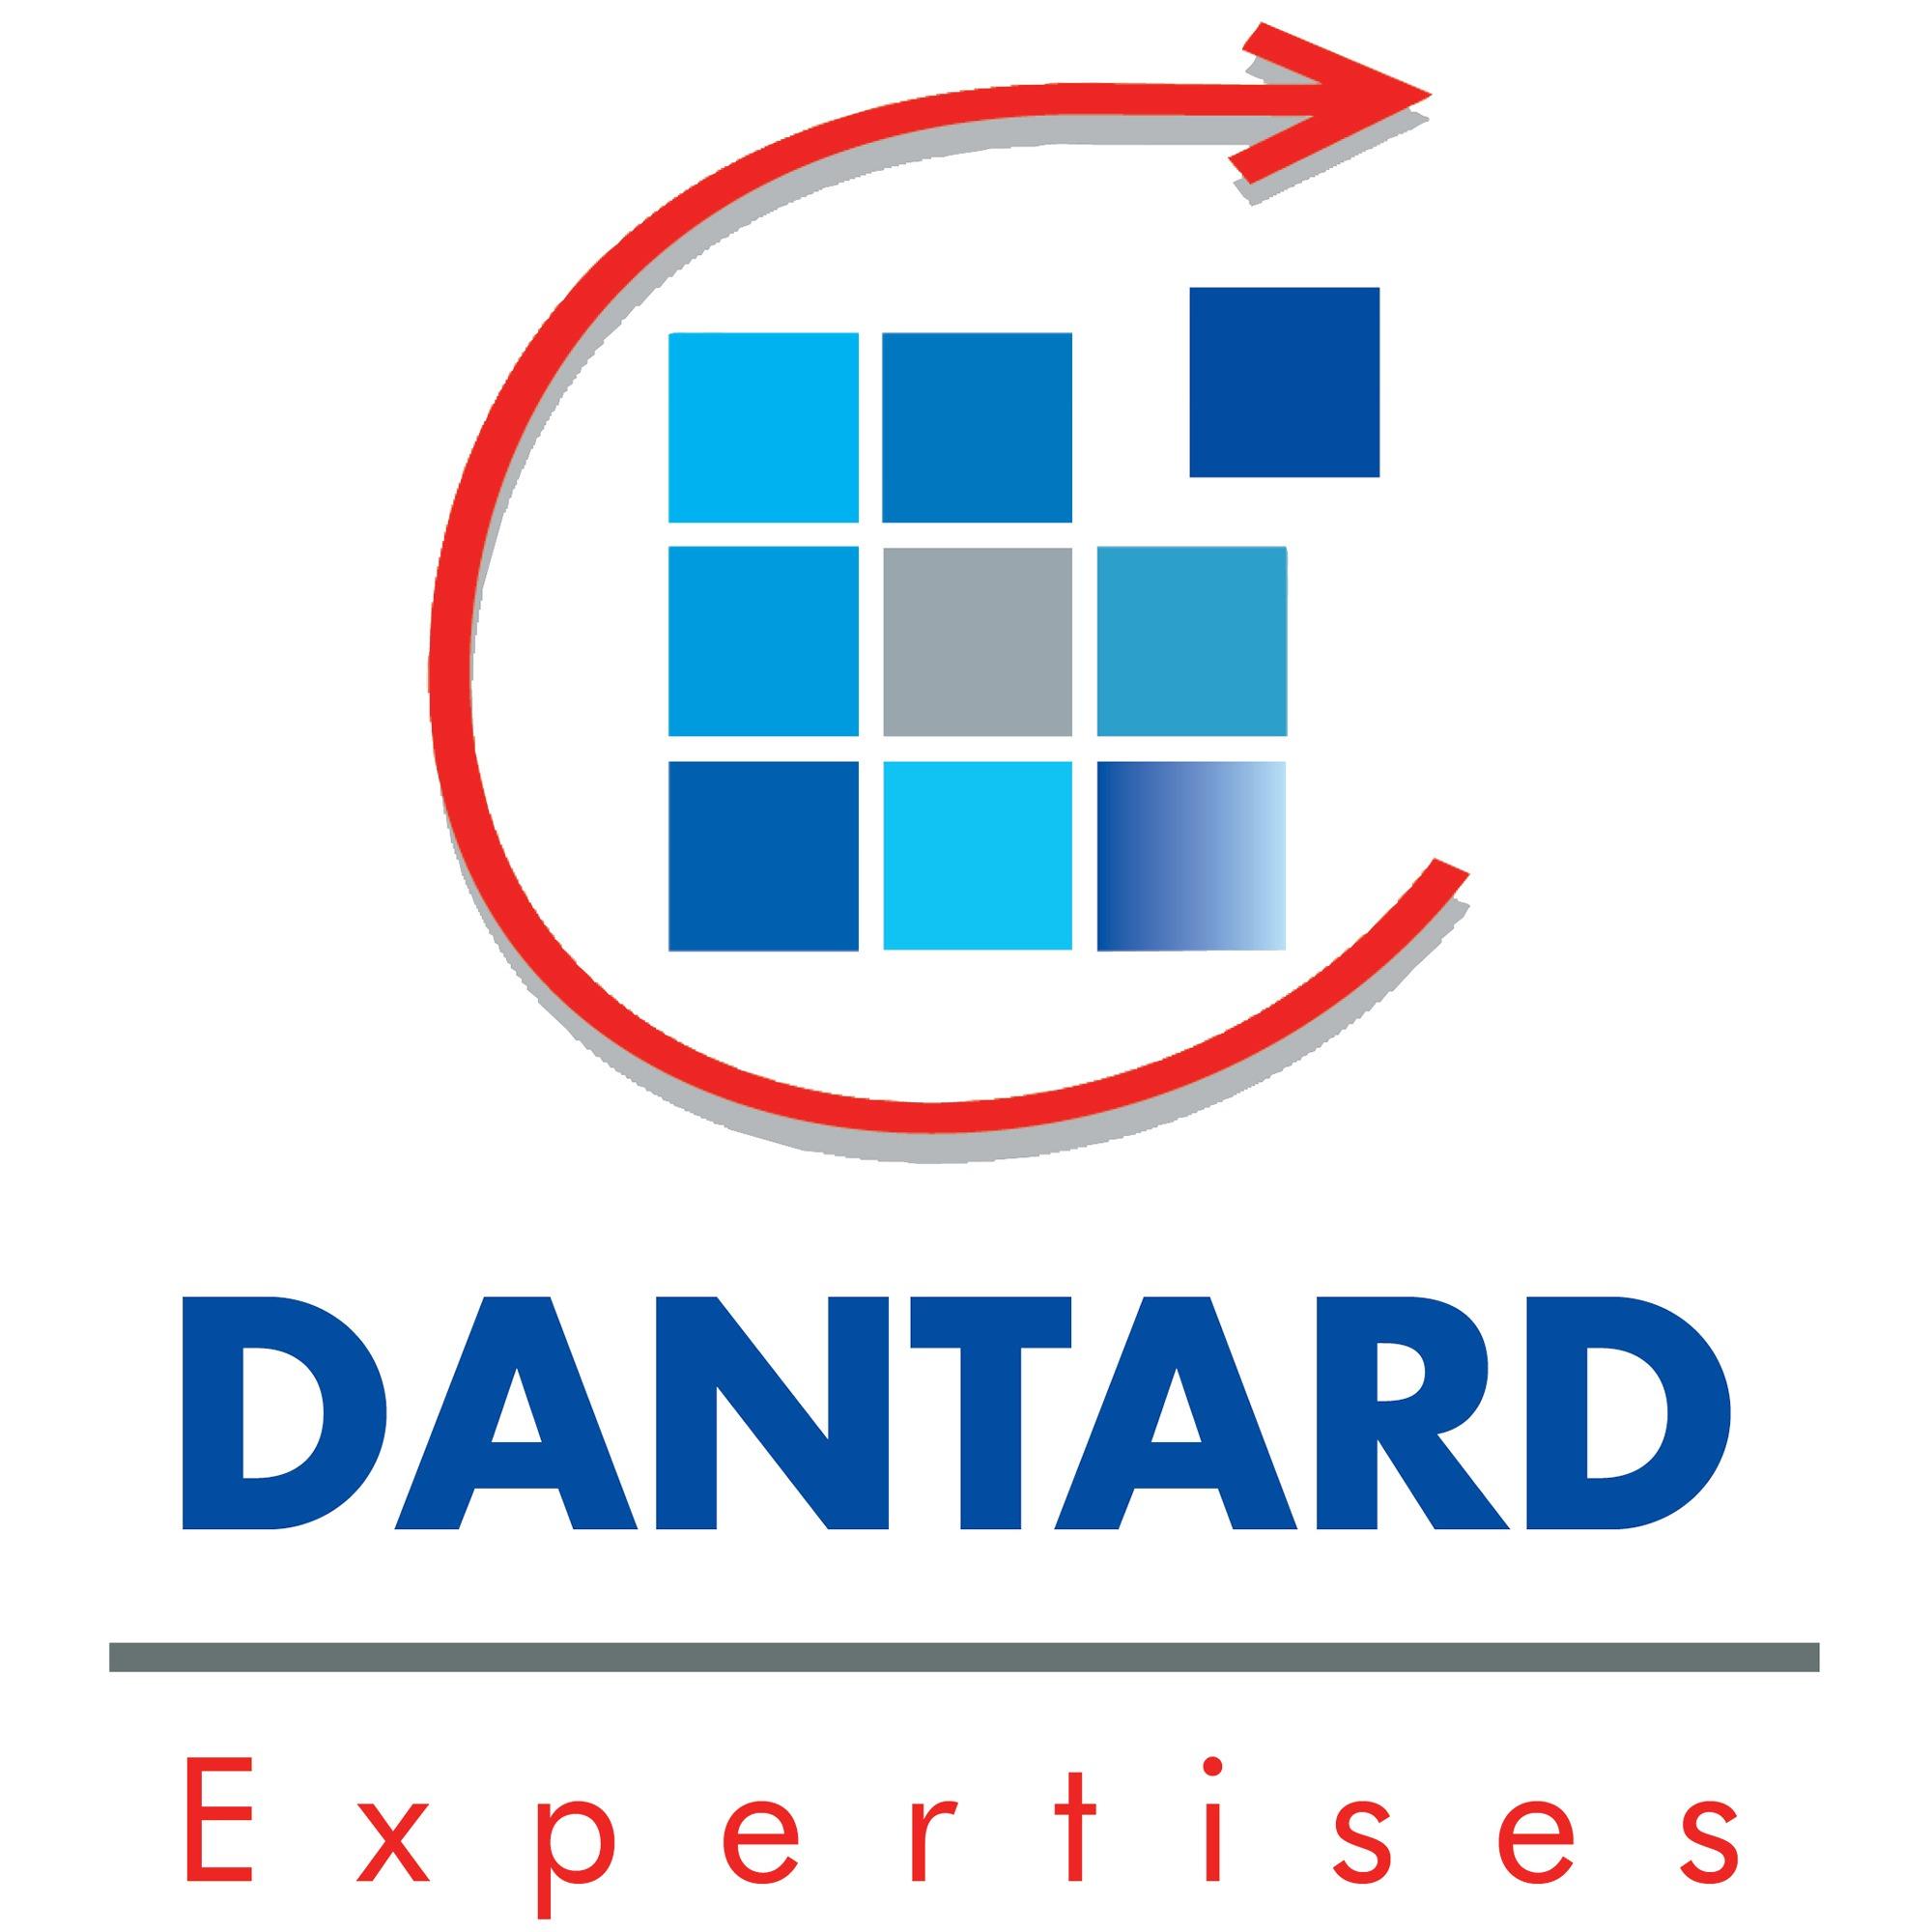 the Dantard Expertises logo.